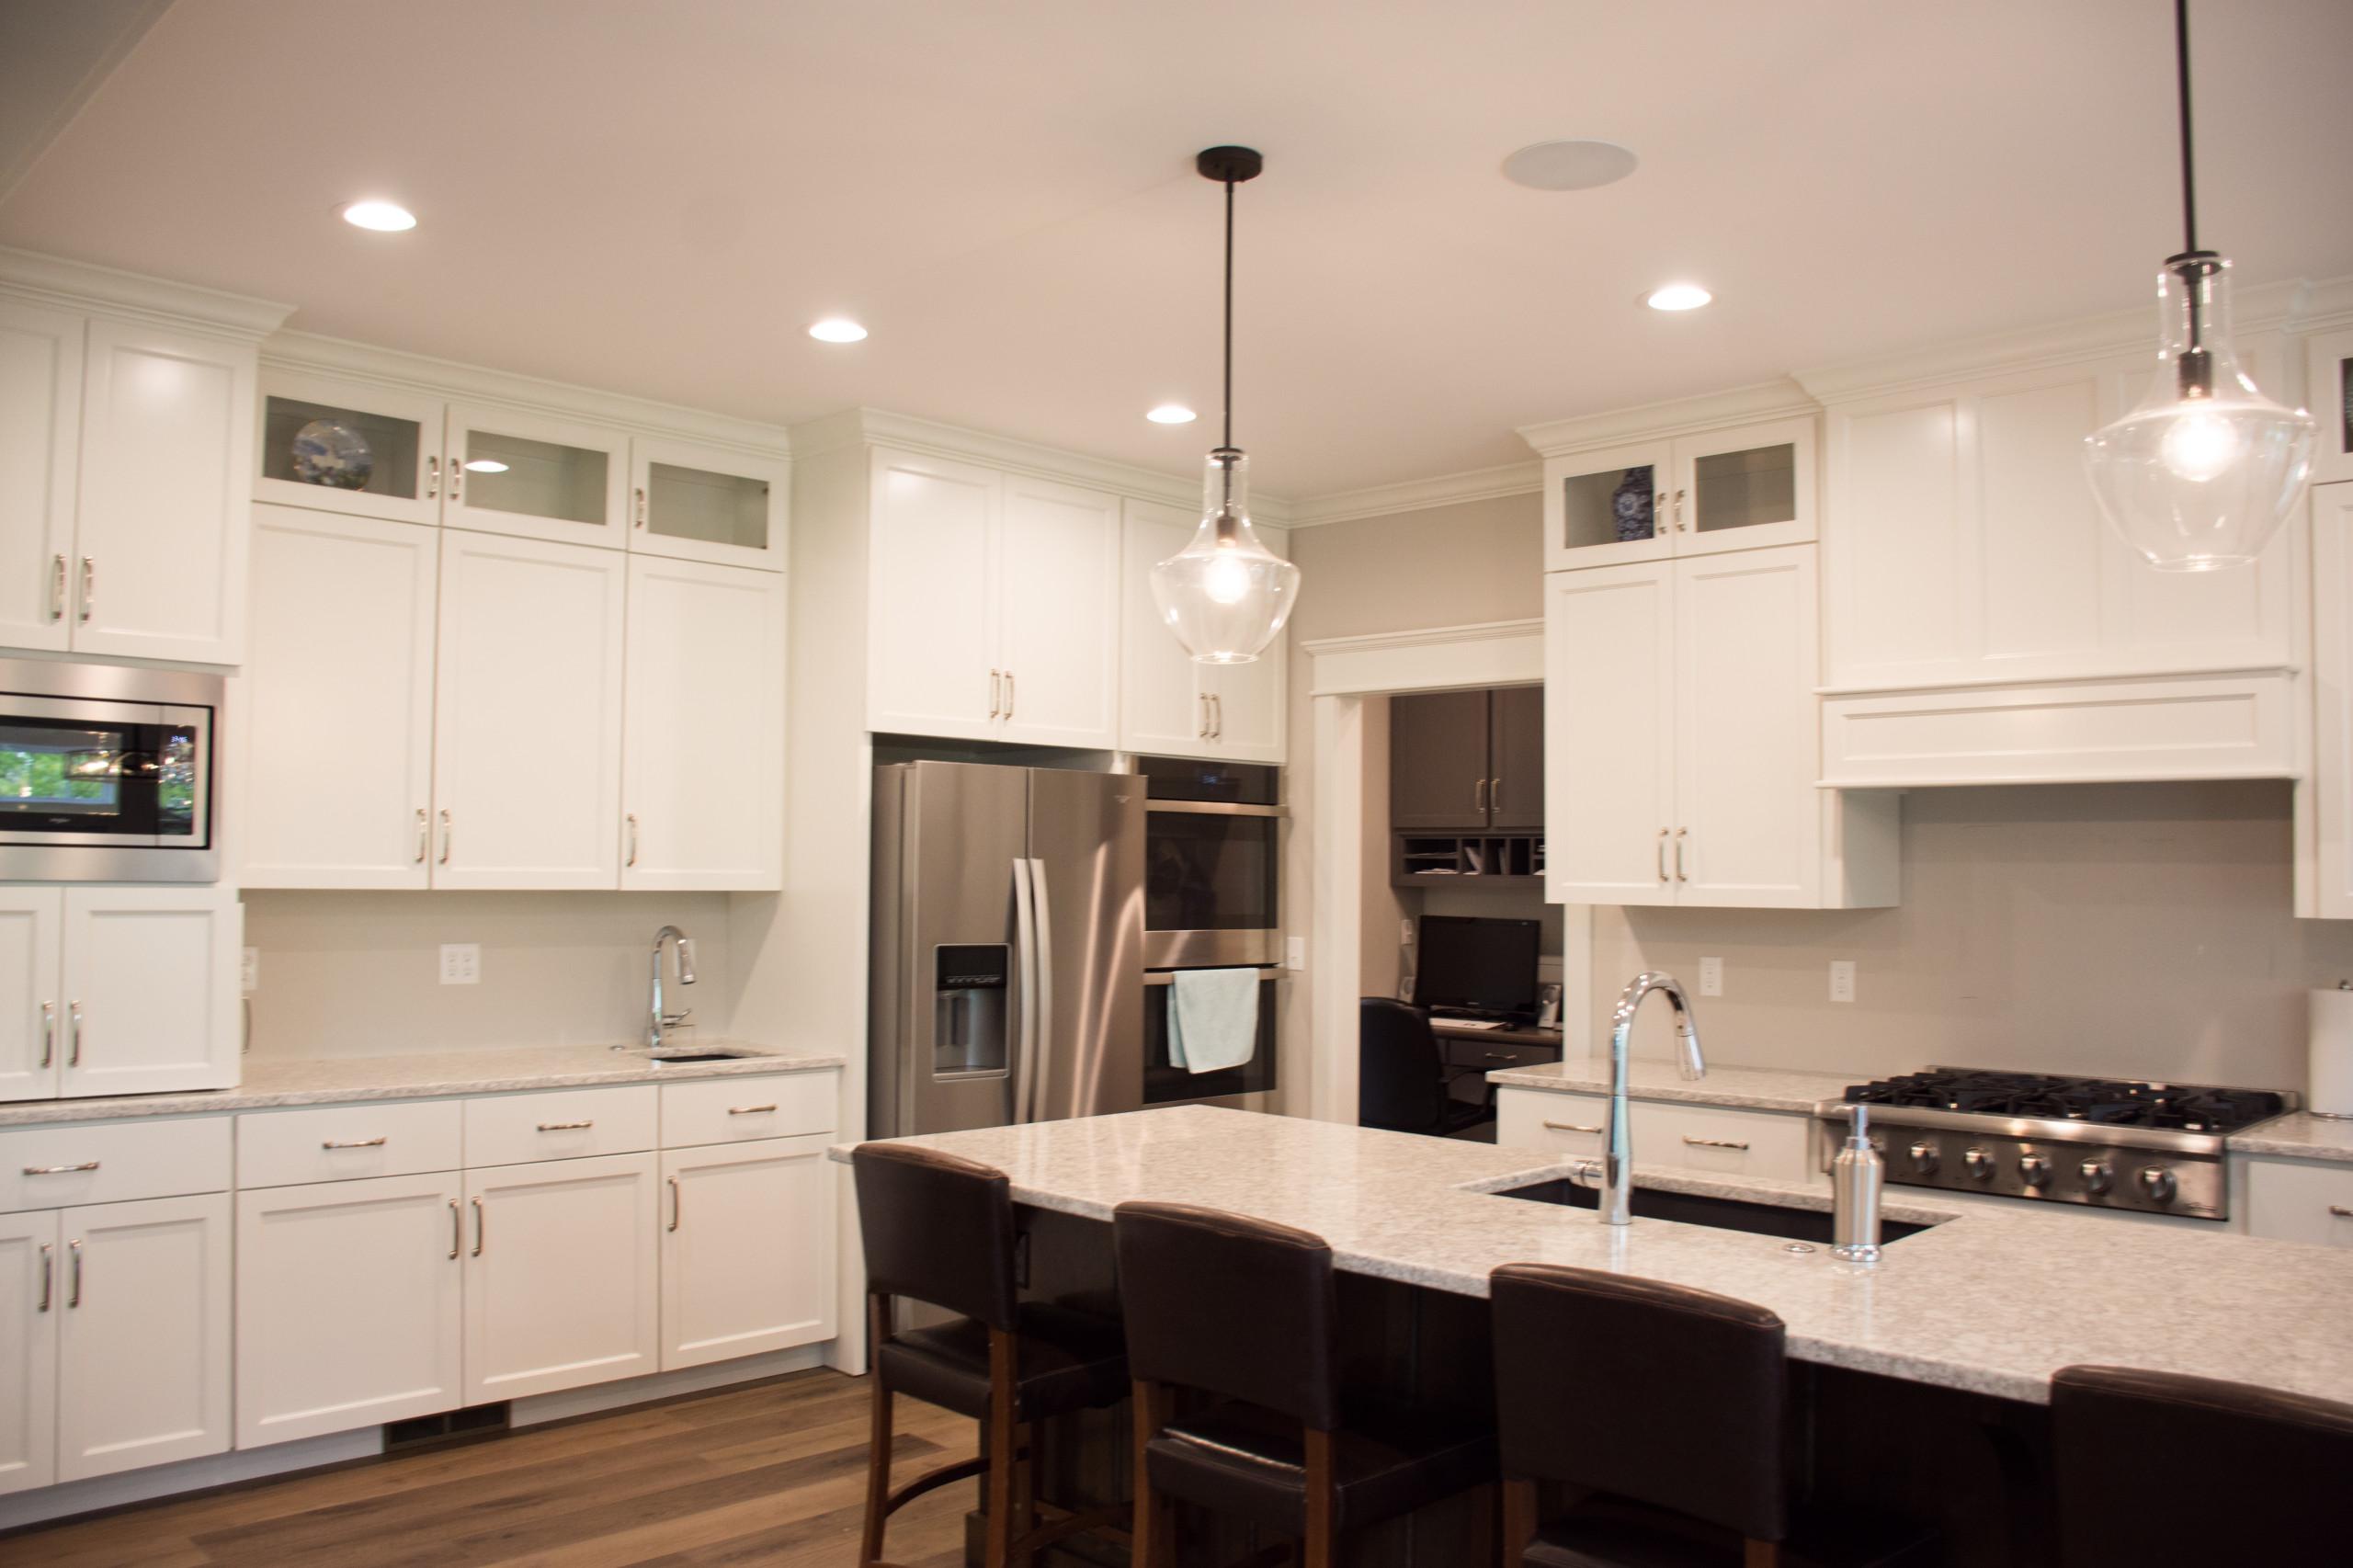 Belnap modern kitchen & dining room